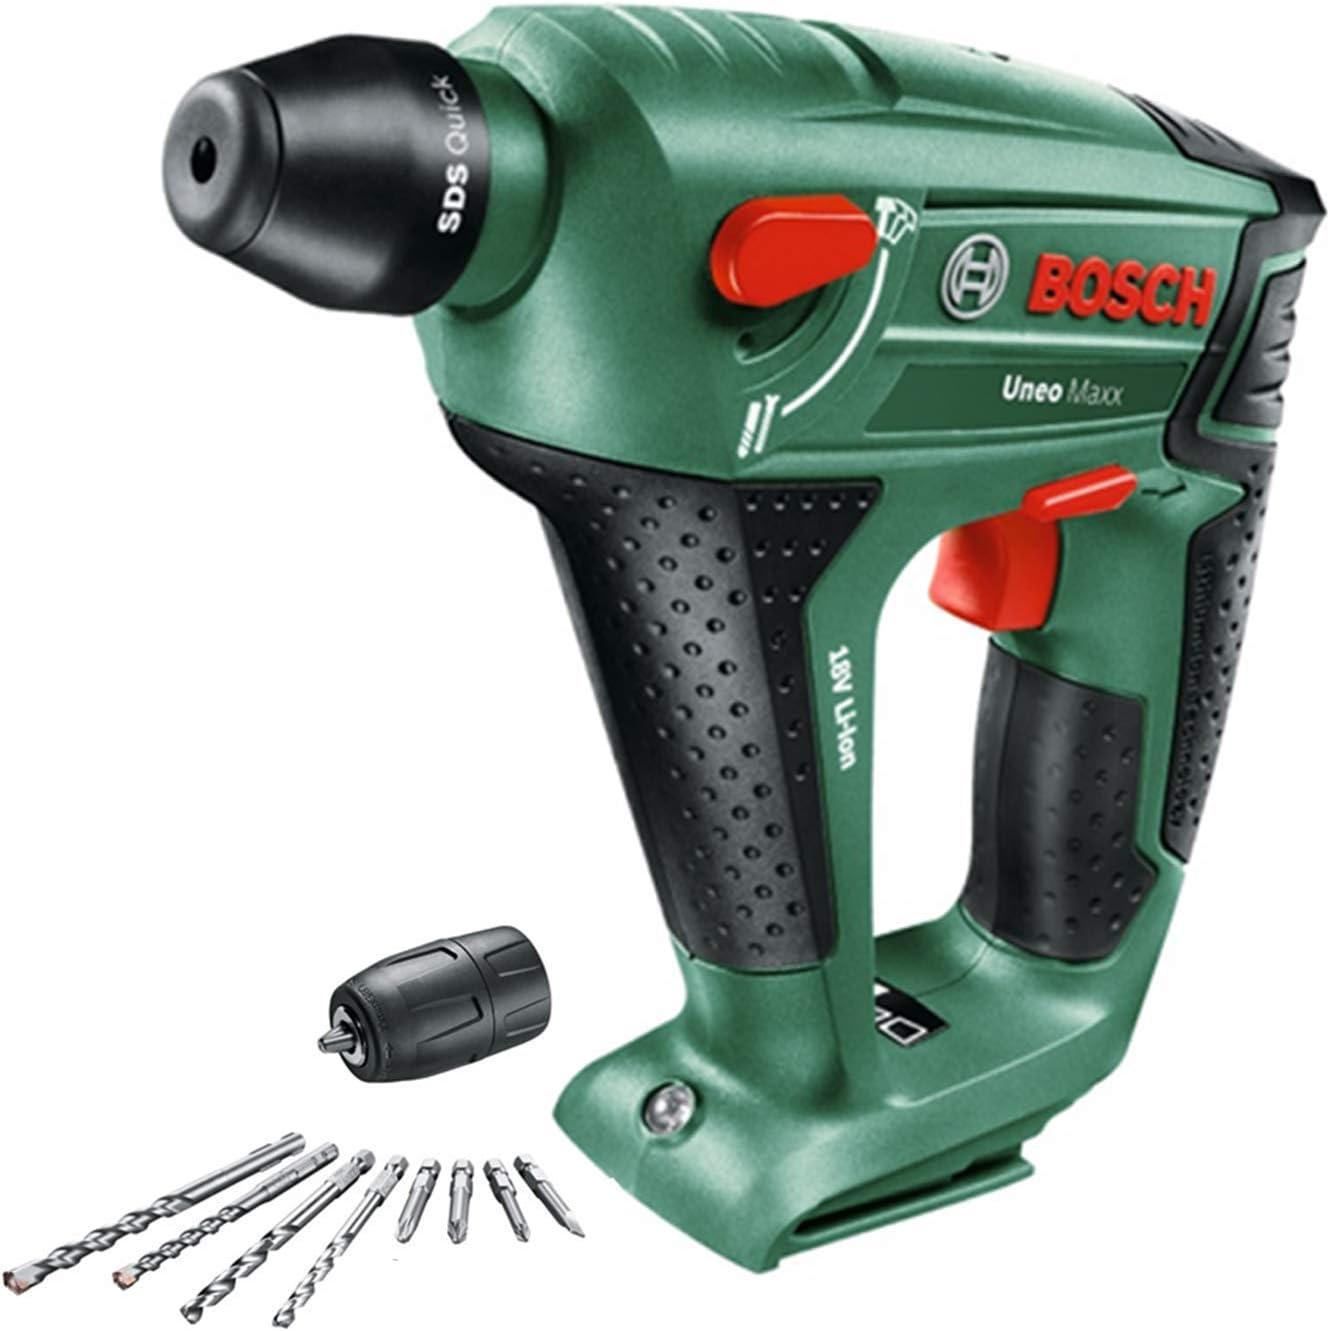 Bosch 060395230C, 0 W, 18 V, Verde, sin batería: Amazon.es ...